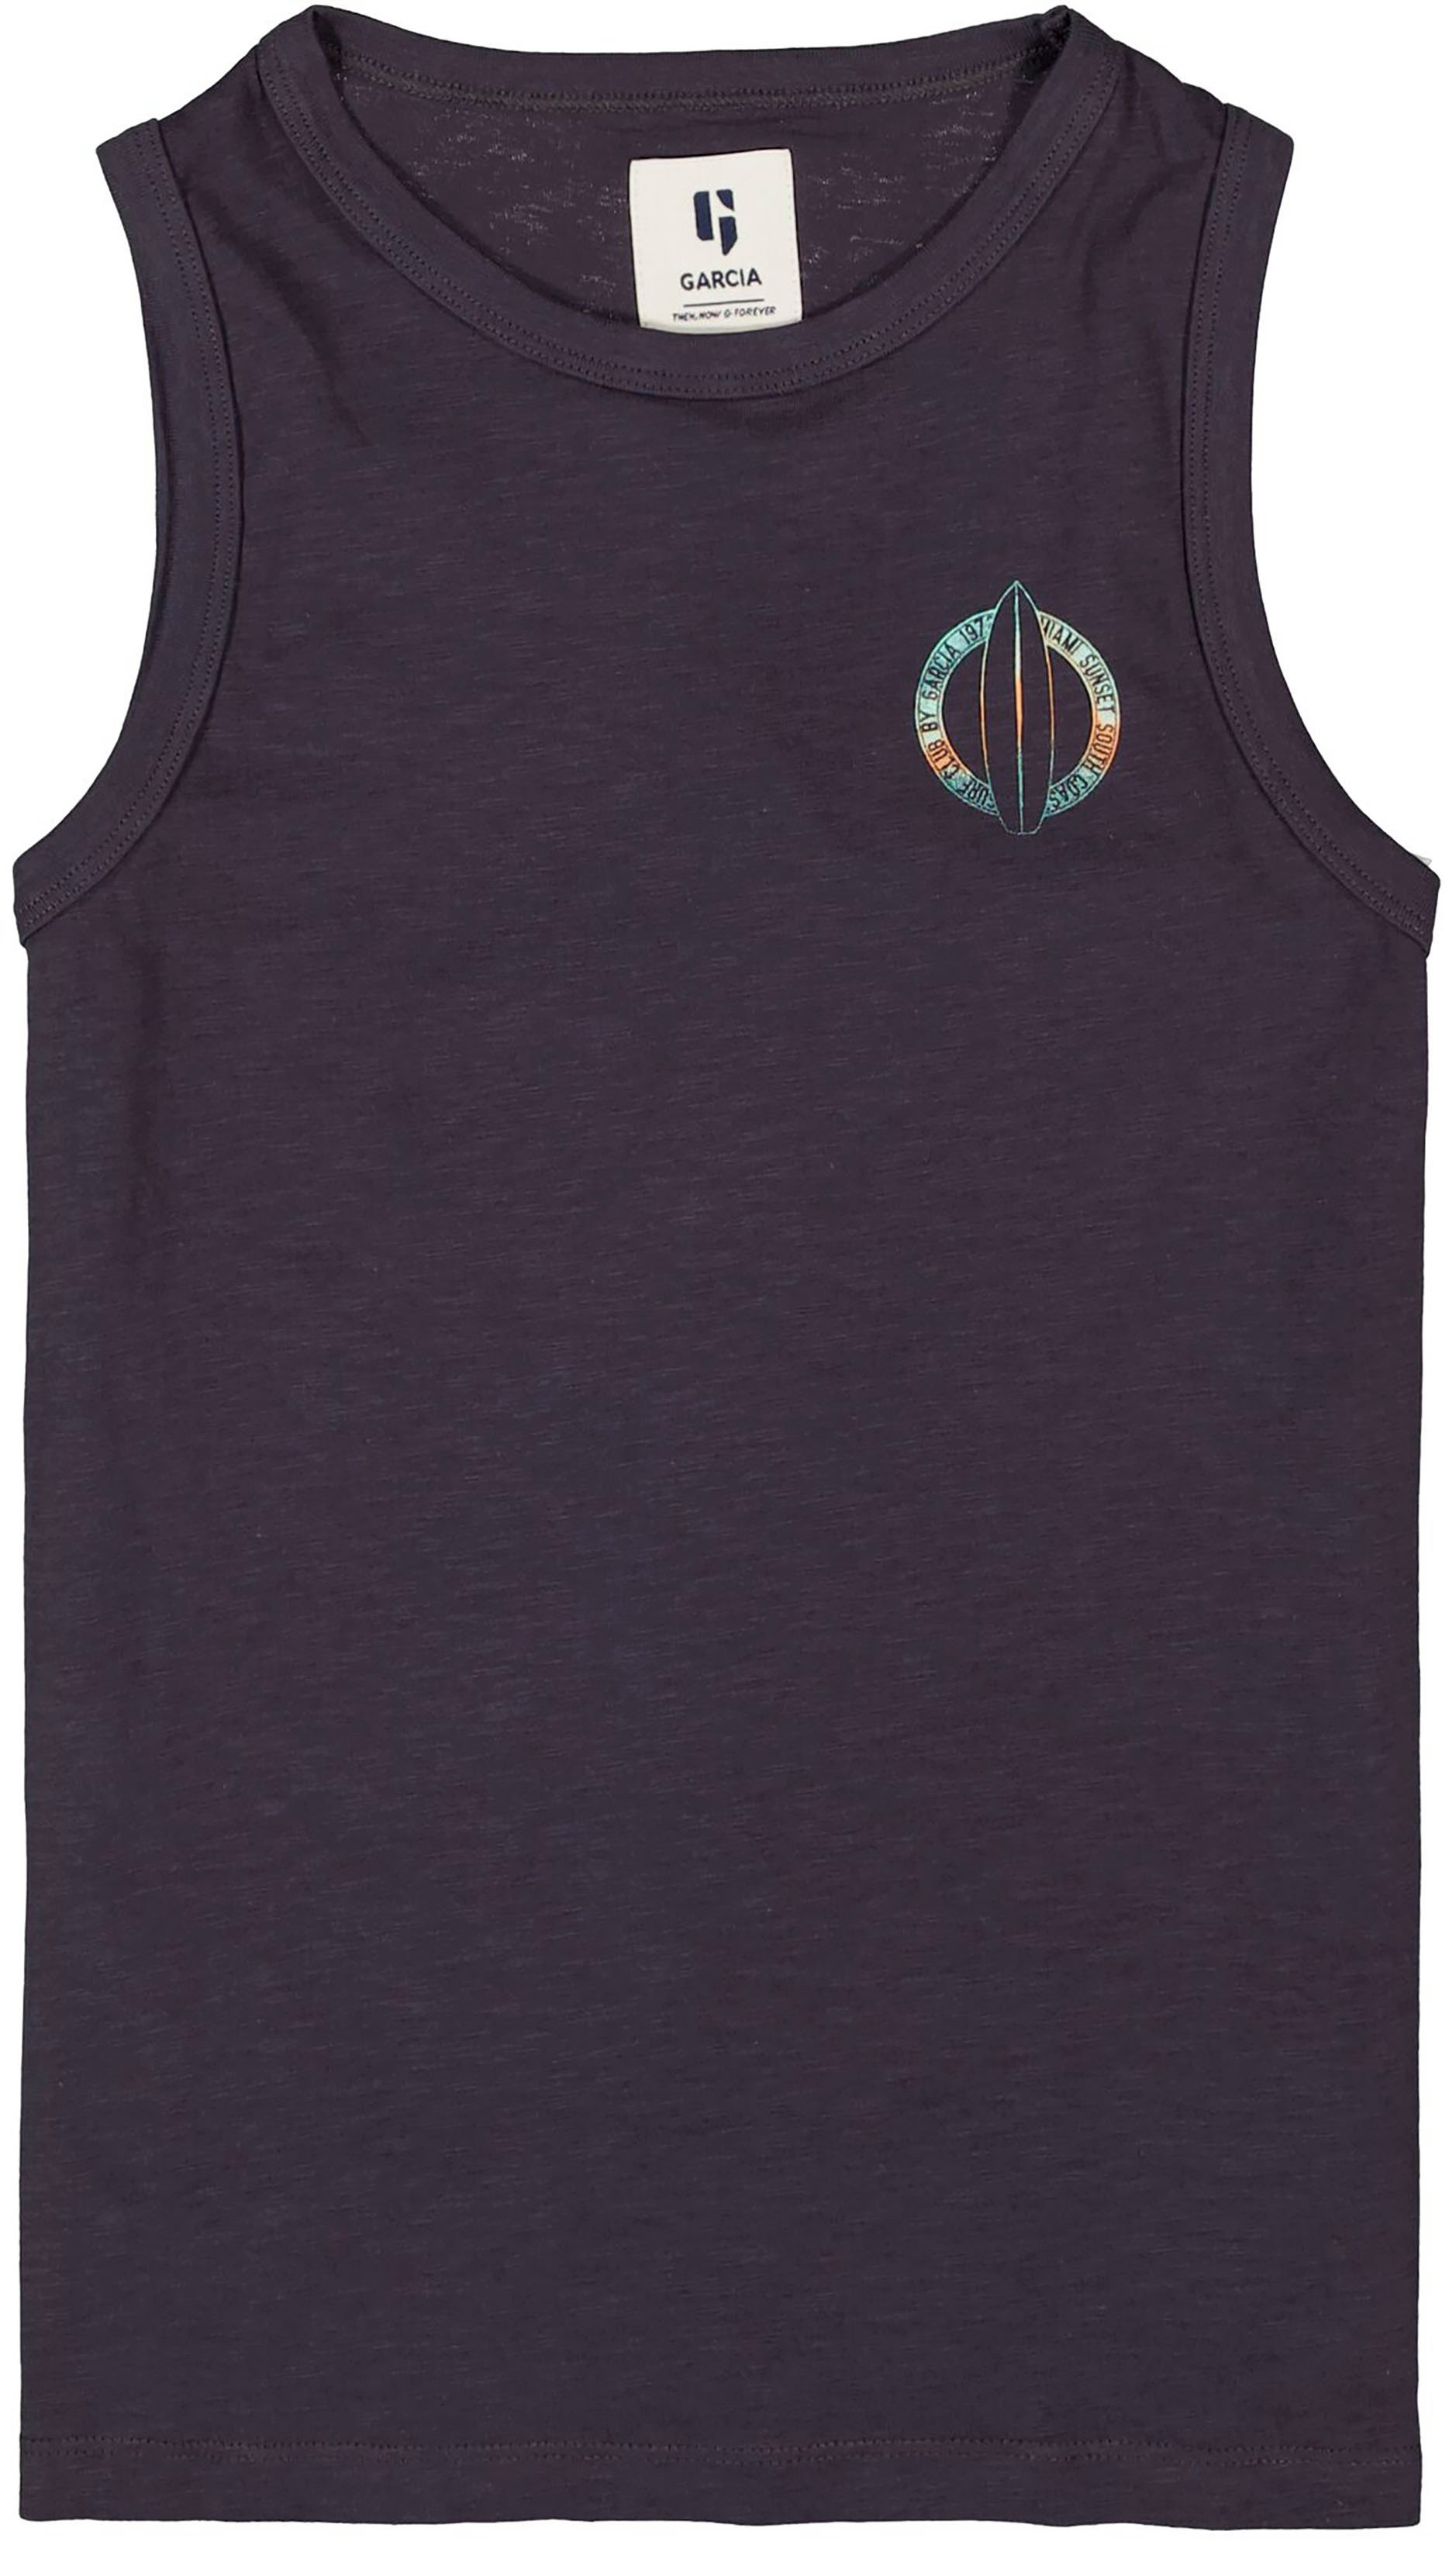 Garcia muscle-shirt Surf voordelig en veilig online kopen